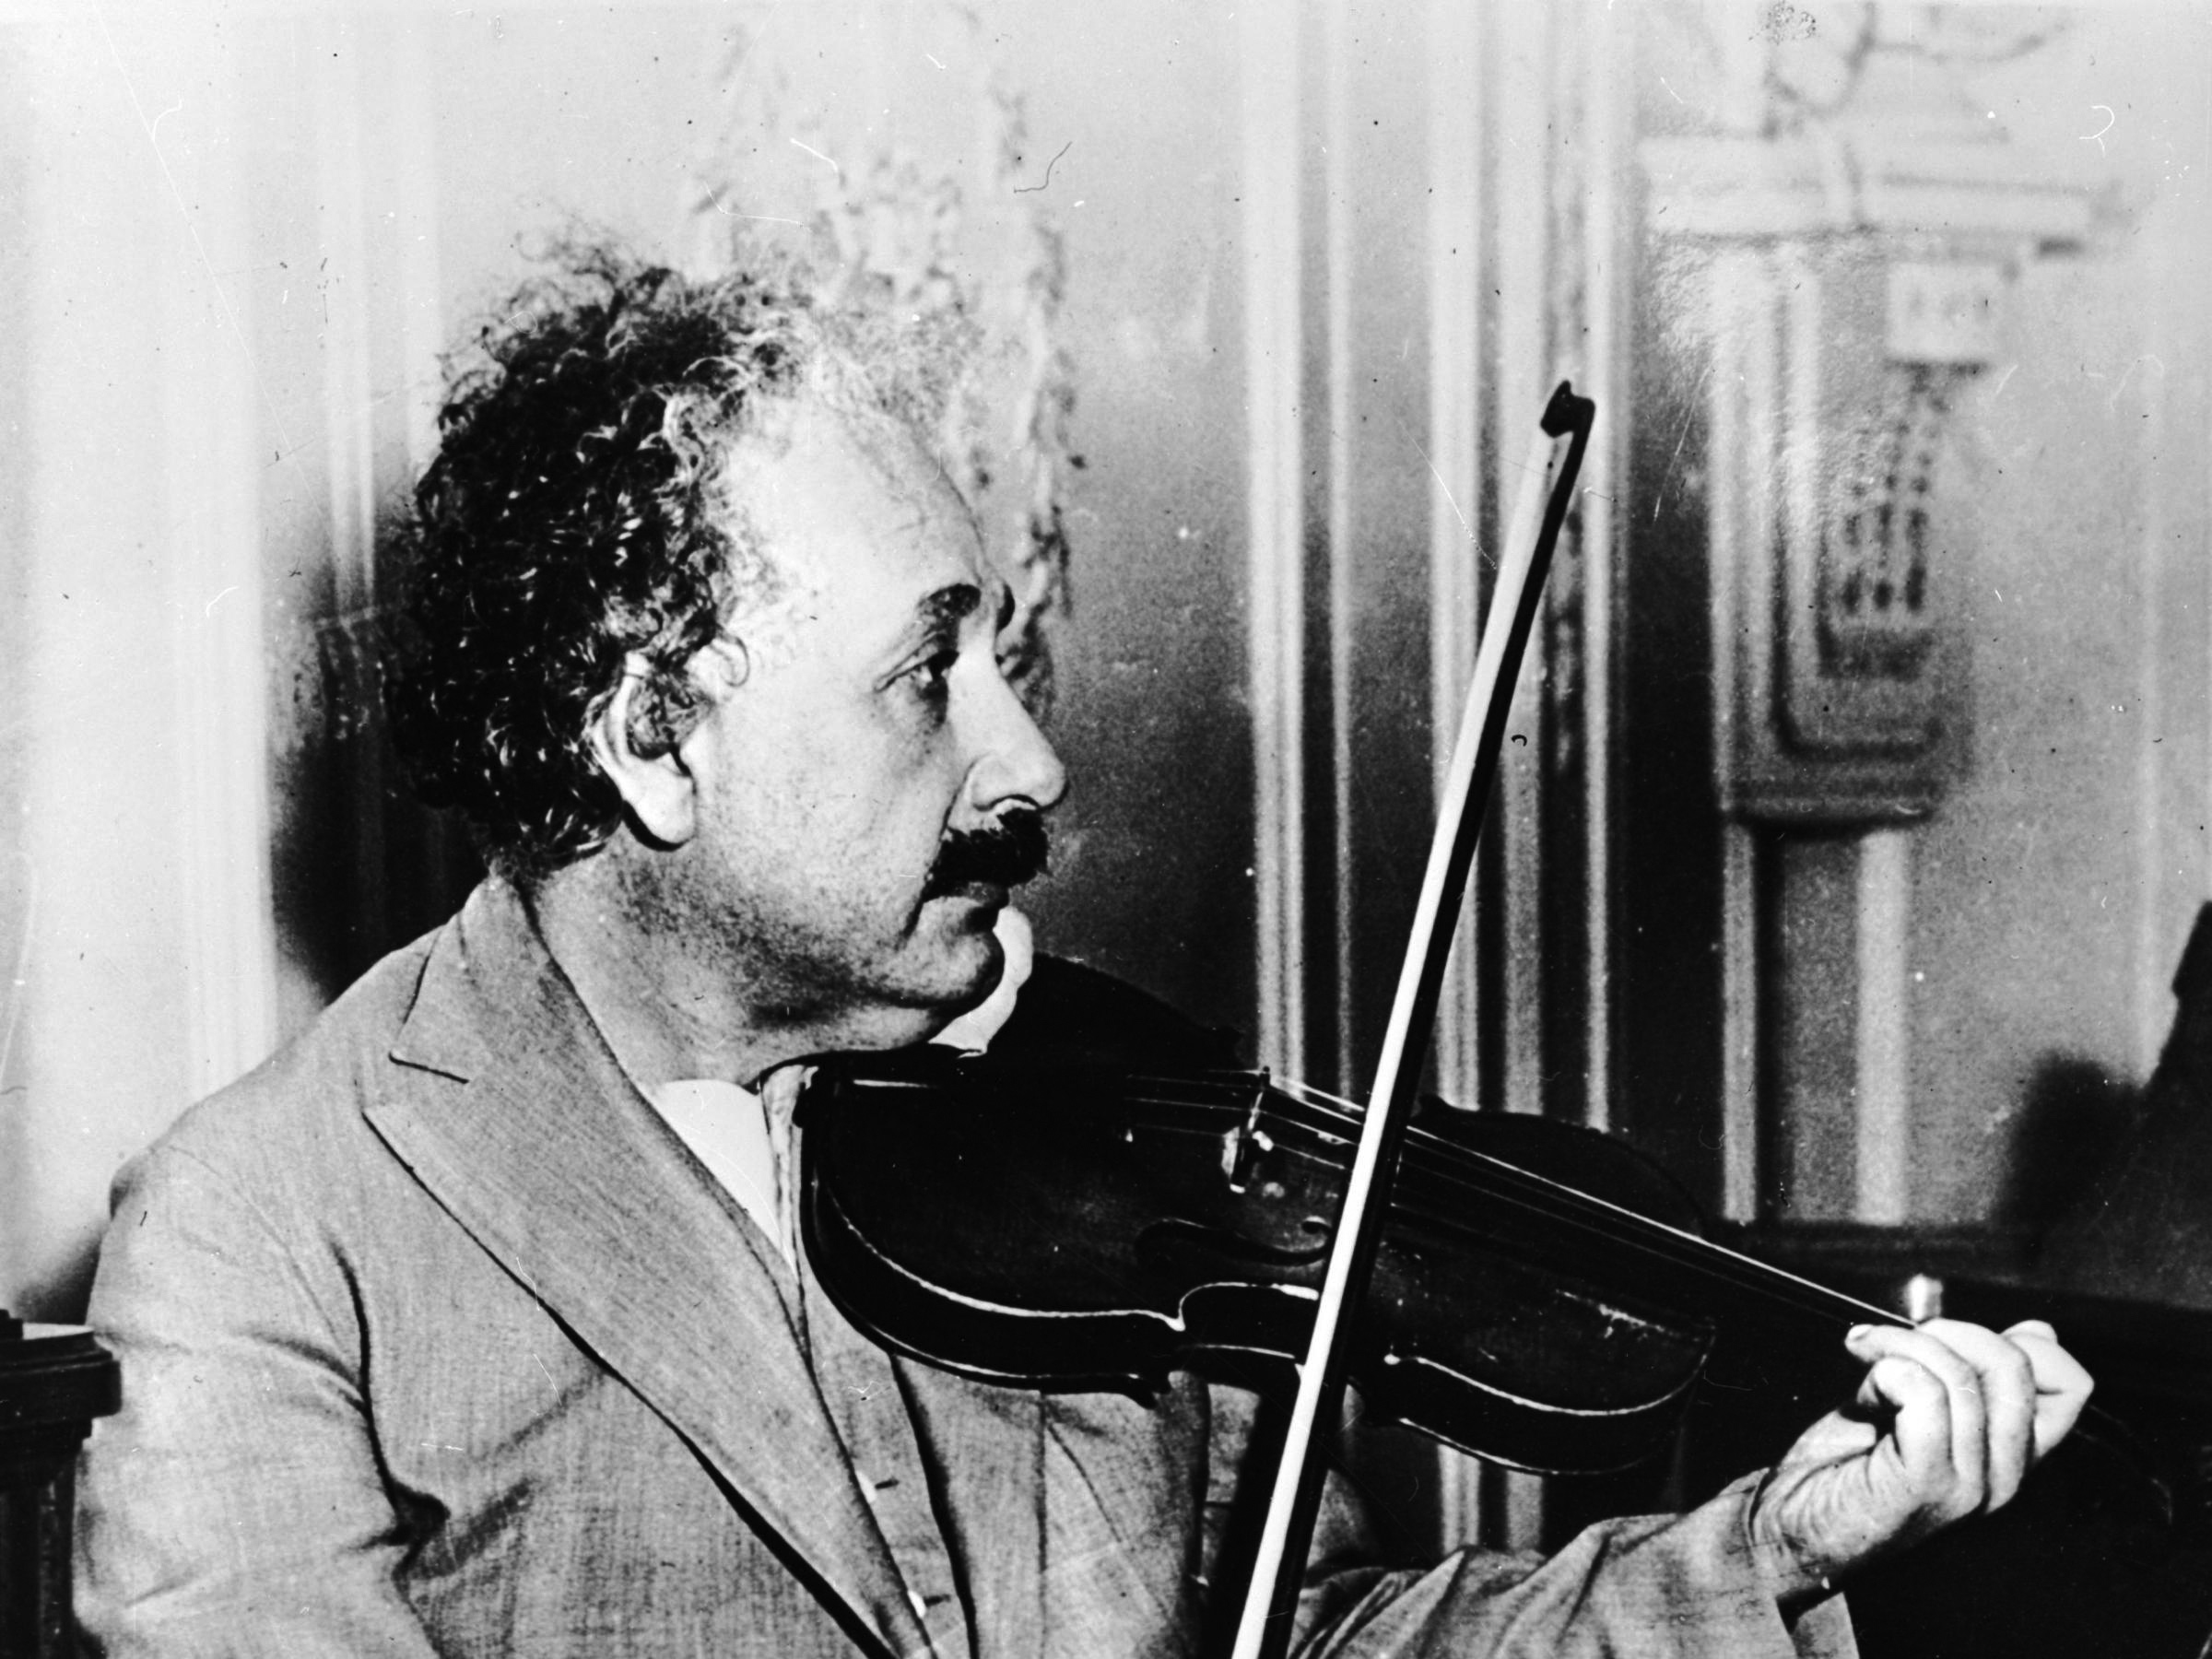 חוקרים שבחנו את מוחו של אלברט איינשטיין טענו שיש לו מבנה של מוח של מוזיקאי. בין אם הדבר נכון ובין אם לאו, איינשטיין העיד על עצמו כי קיבל השראה לרעיונותיו המהפכניים מנגינה בכינור.